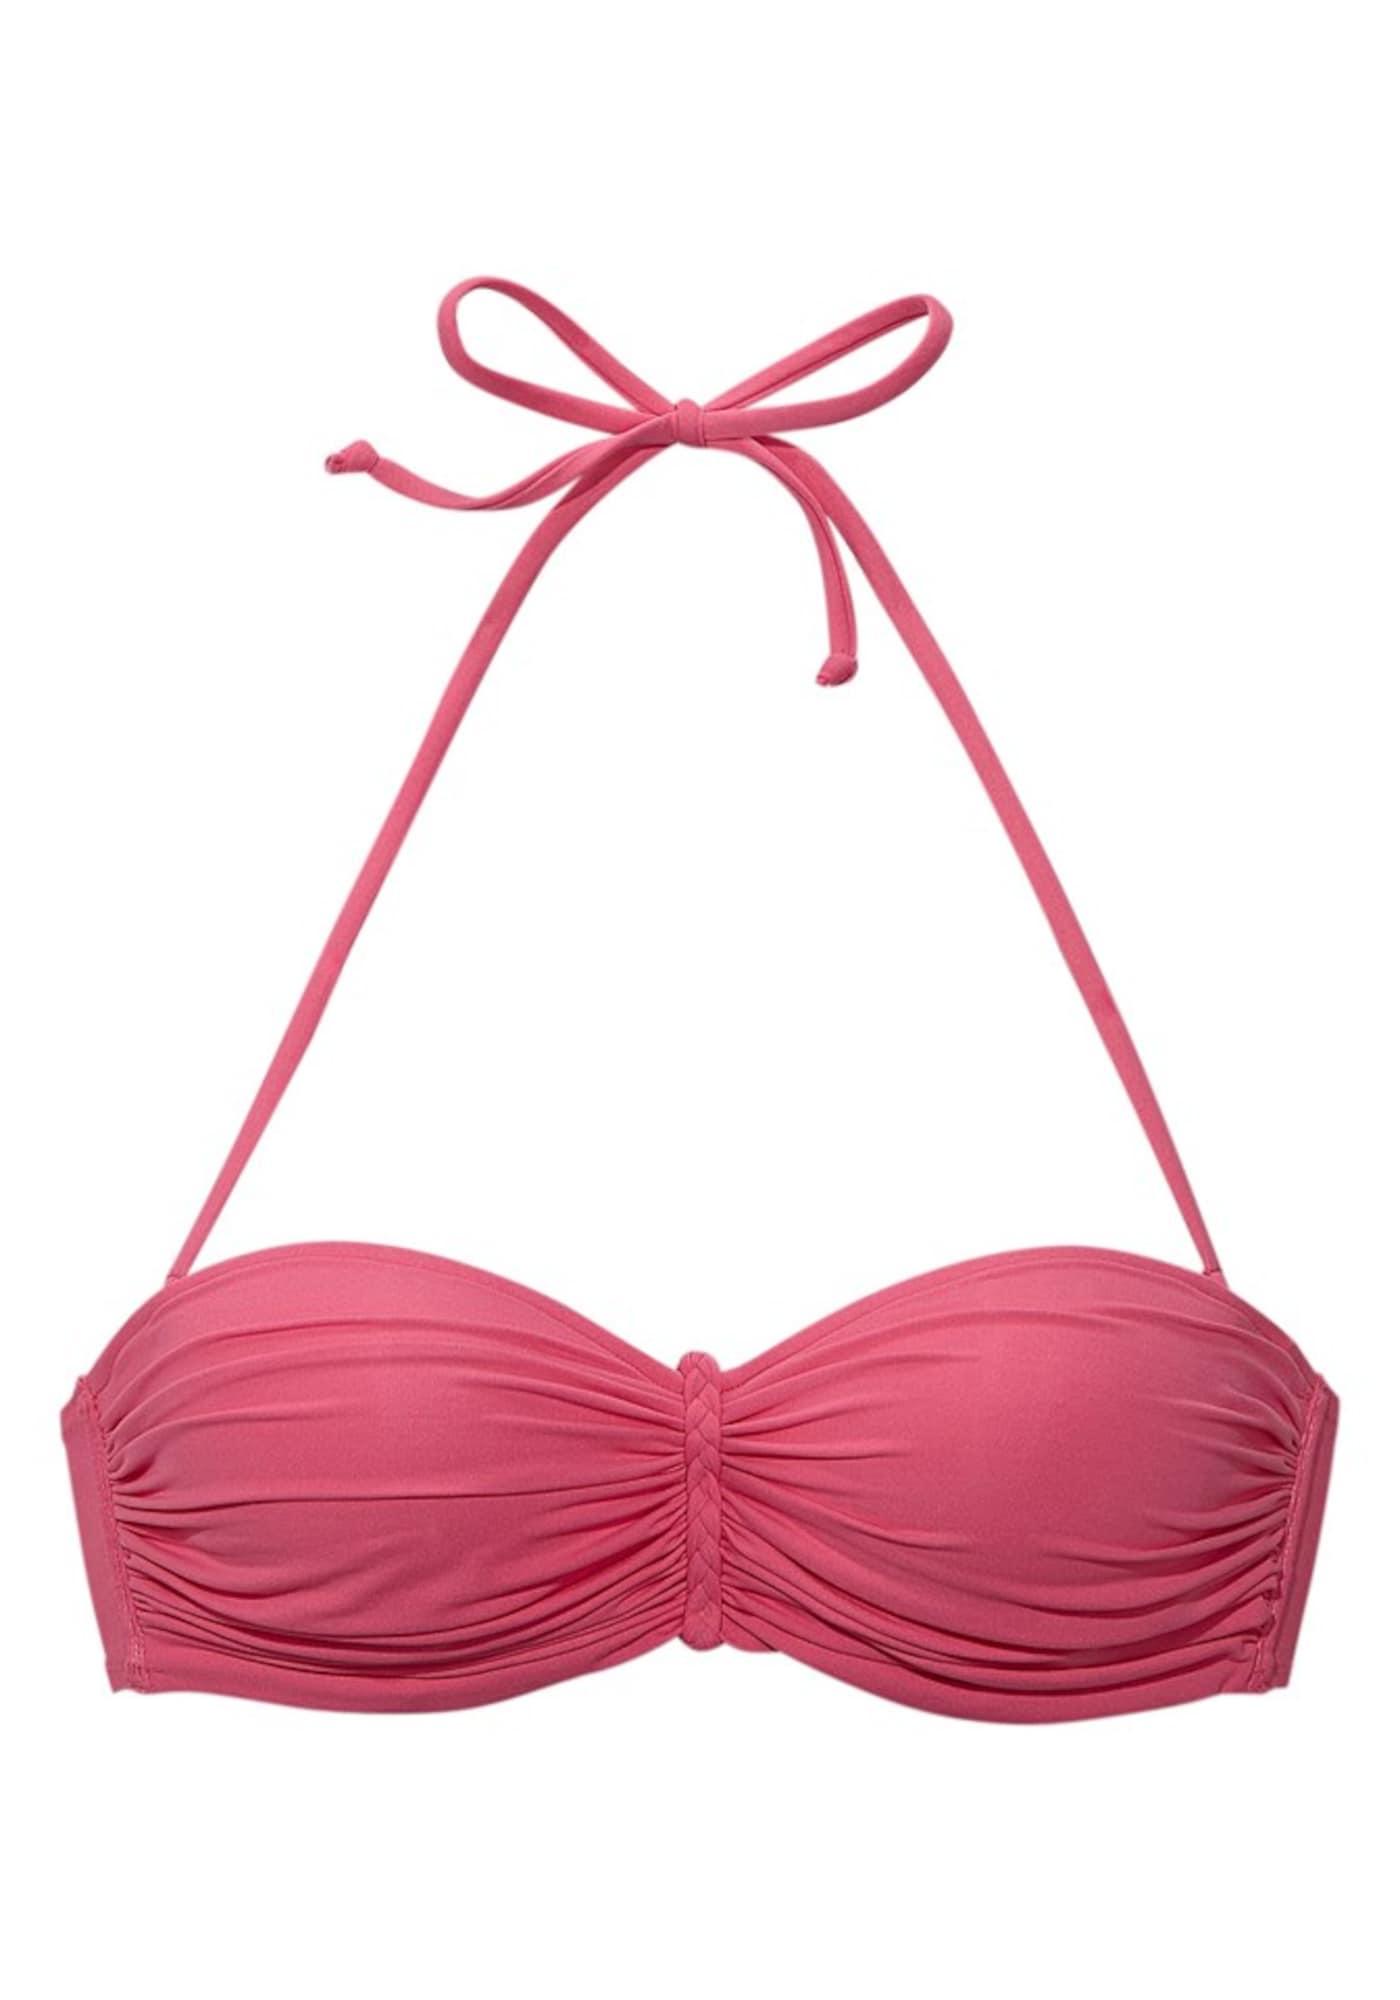 BUFFALO Bikinio viršutinė dalis rožinė